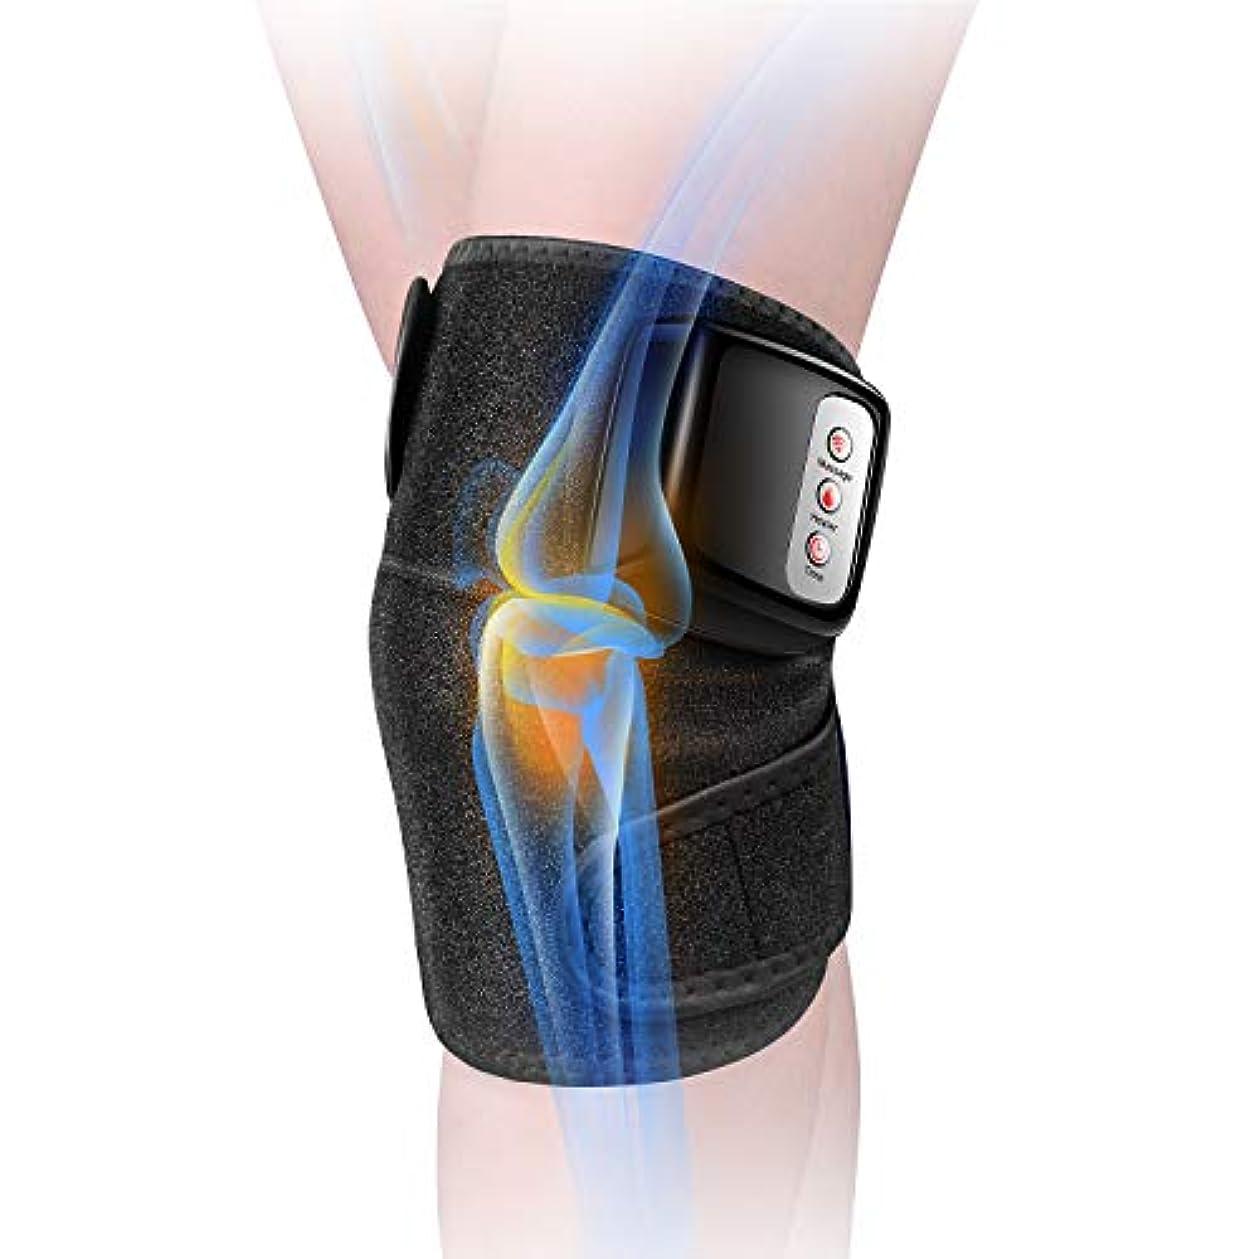 彼のようこそ削る膝マッサージャー 関節マッサージャー マッサージ器 フットマッサージャー 振動 赤外線療法 温熱療法 膝サポーター ストレス解消 肩 太もも/腕対応